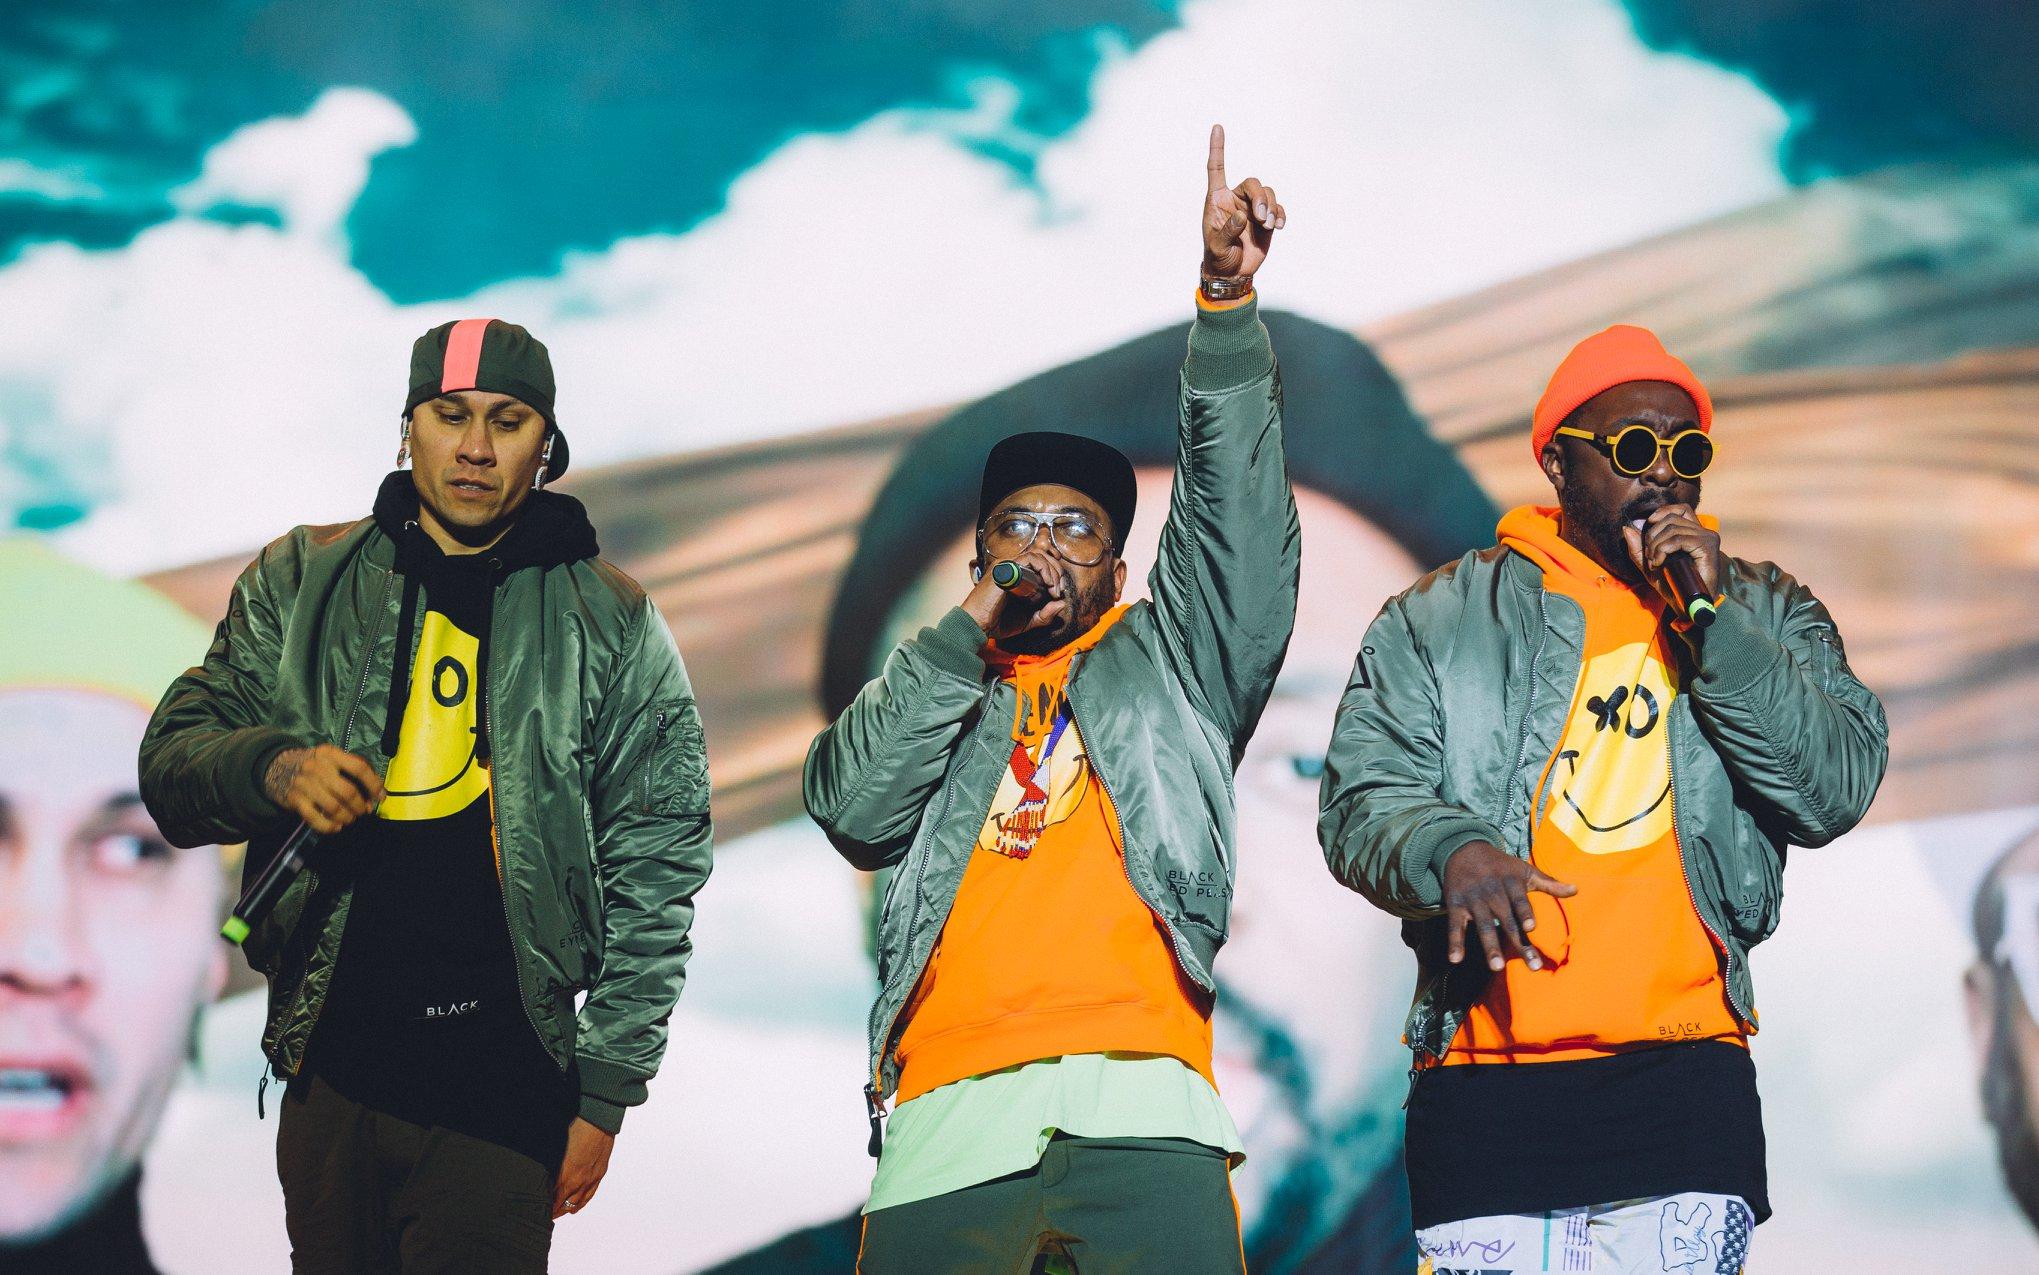 Специально для Marie Claire: интервью с группой Black Eyed Peas-Фото 1